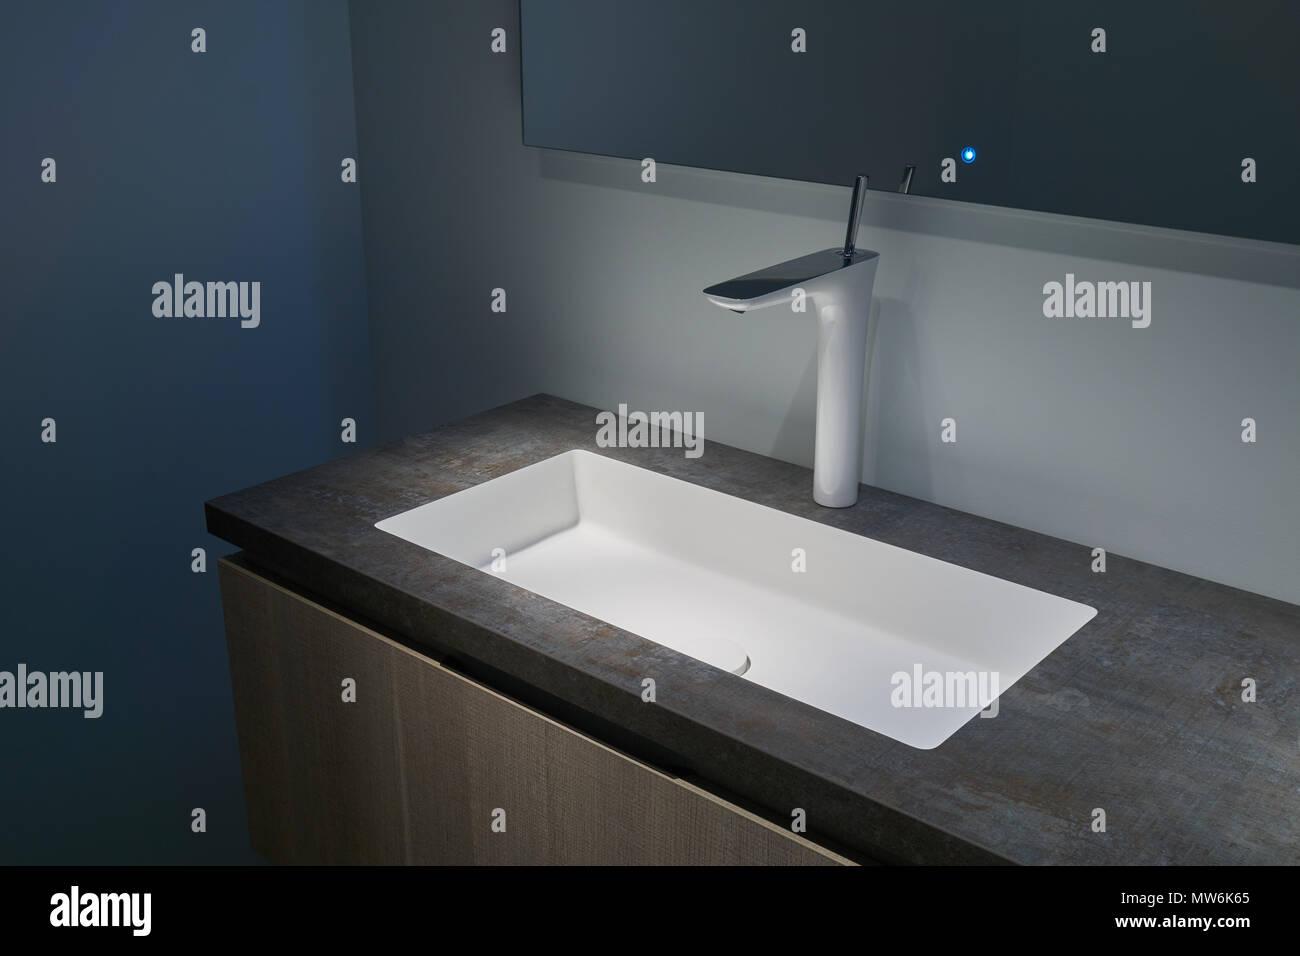 Schlafzimmer interieur modernes kabinendesign